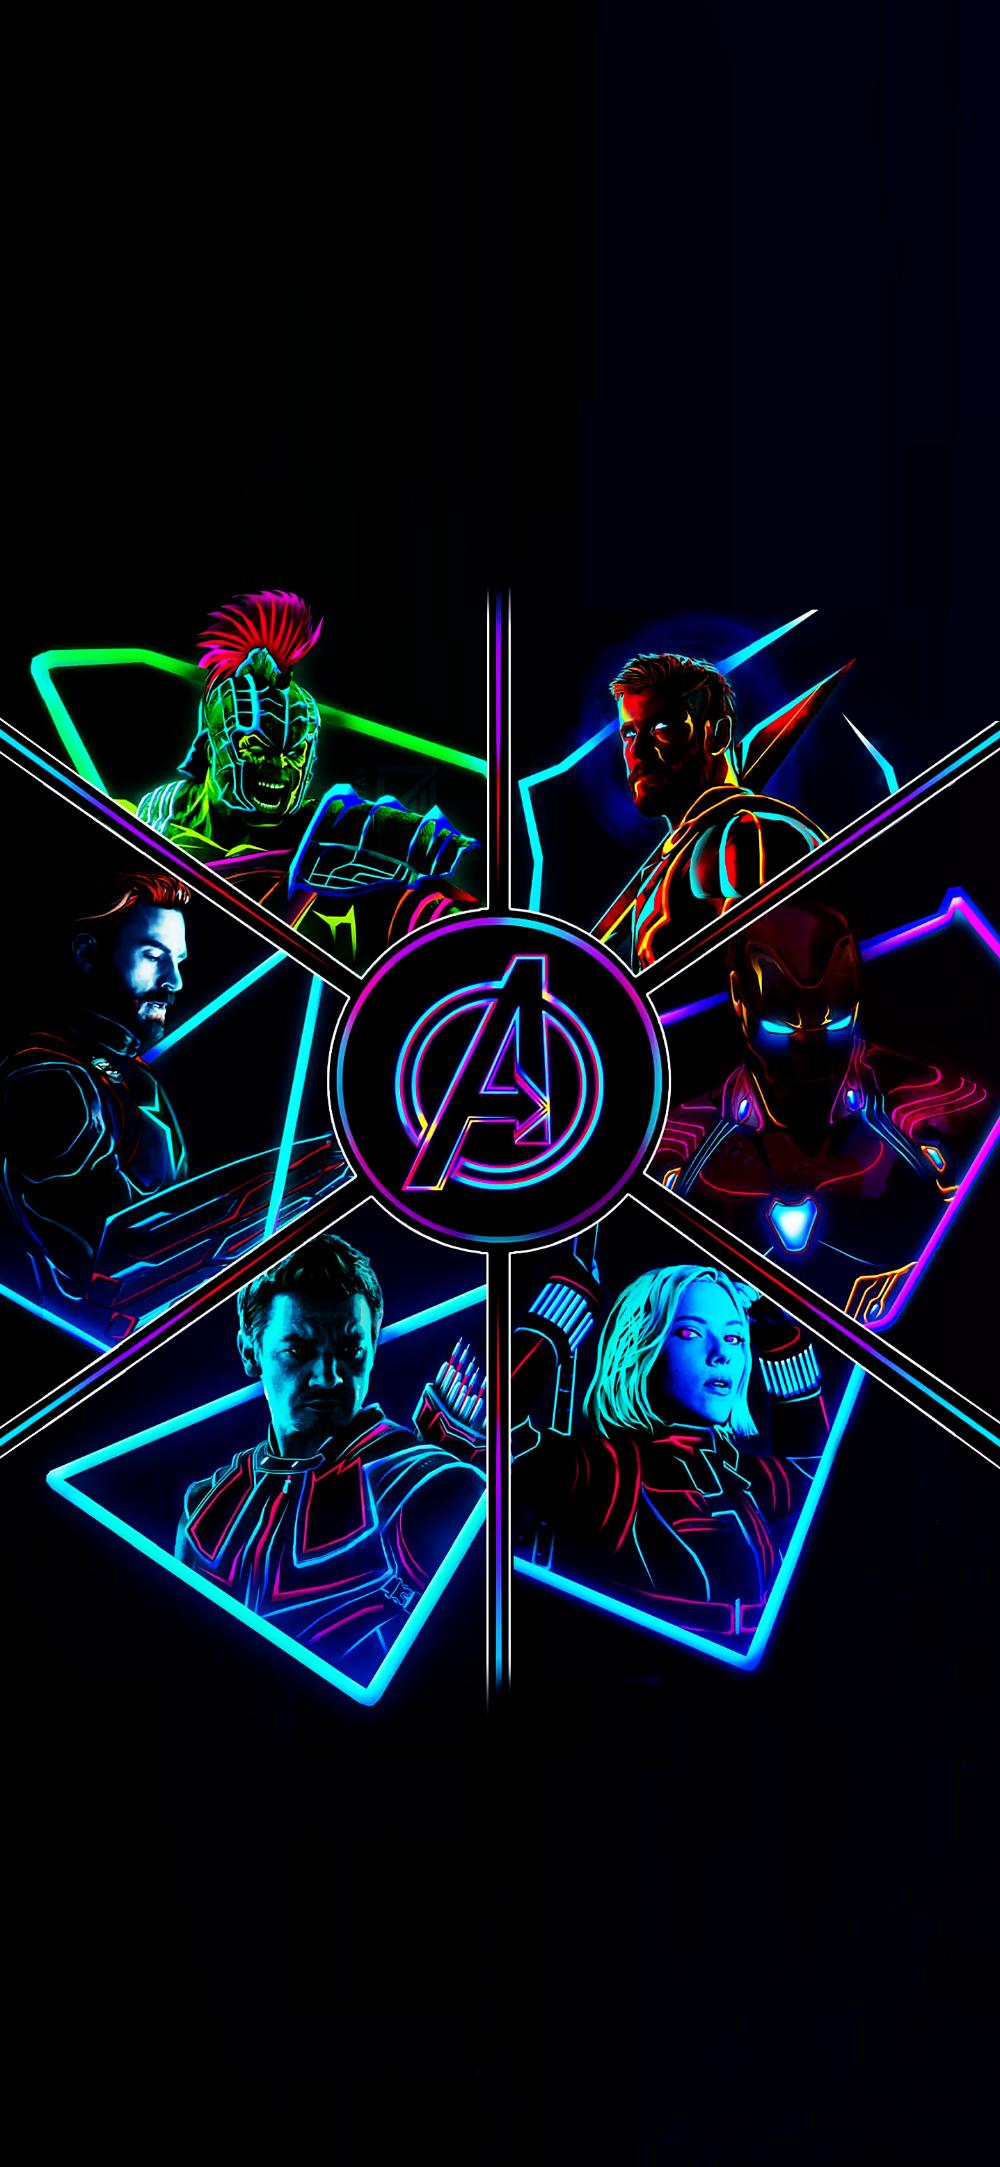 Avengers Endgame Wallpaper Iphone X Movie Stream 4k Online Avengers Wallpaper Marvel Wallpaper Superhero Wallpaper